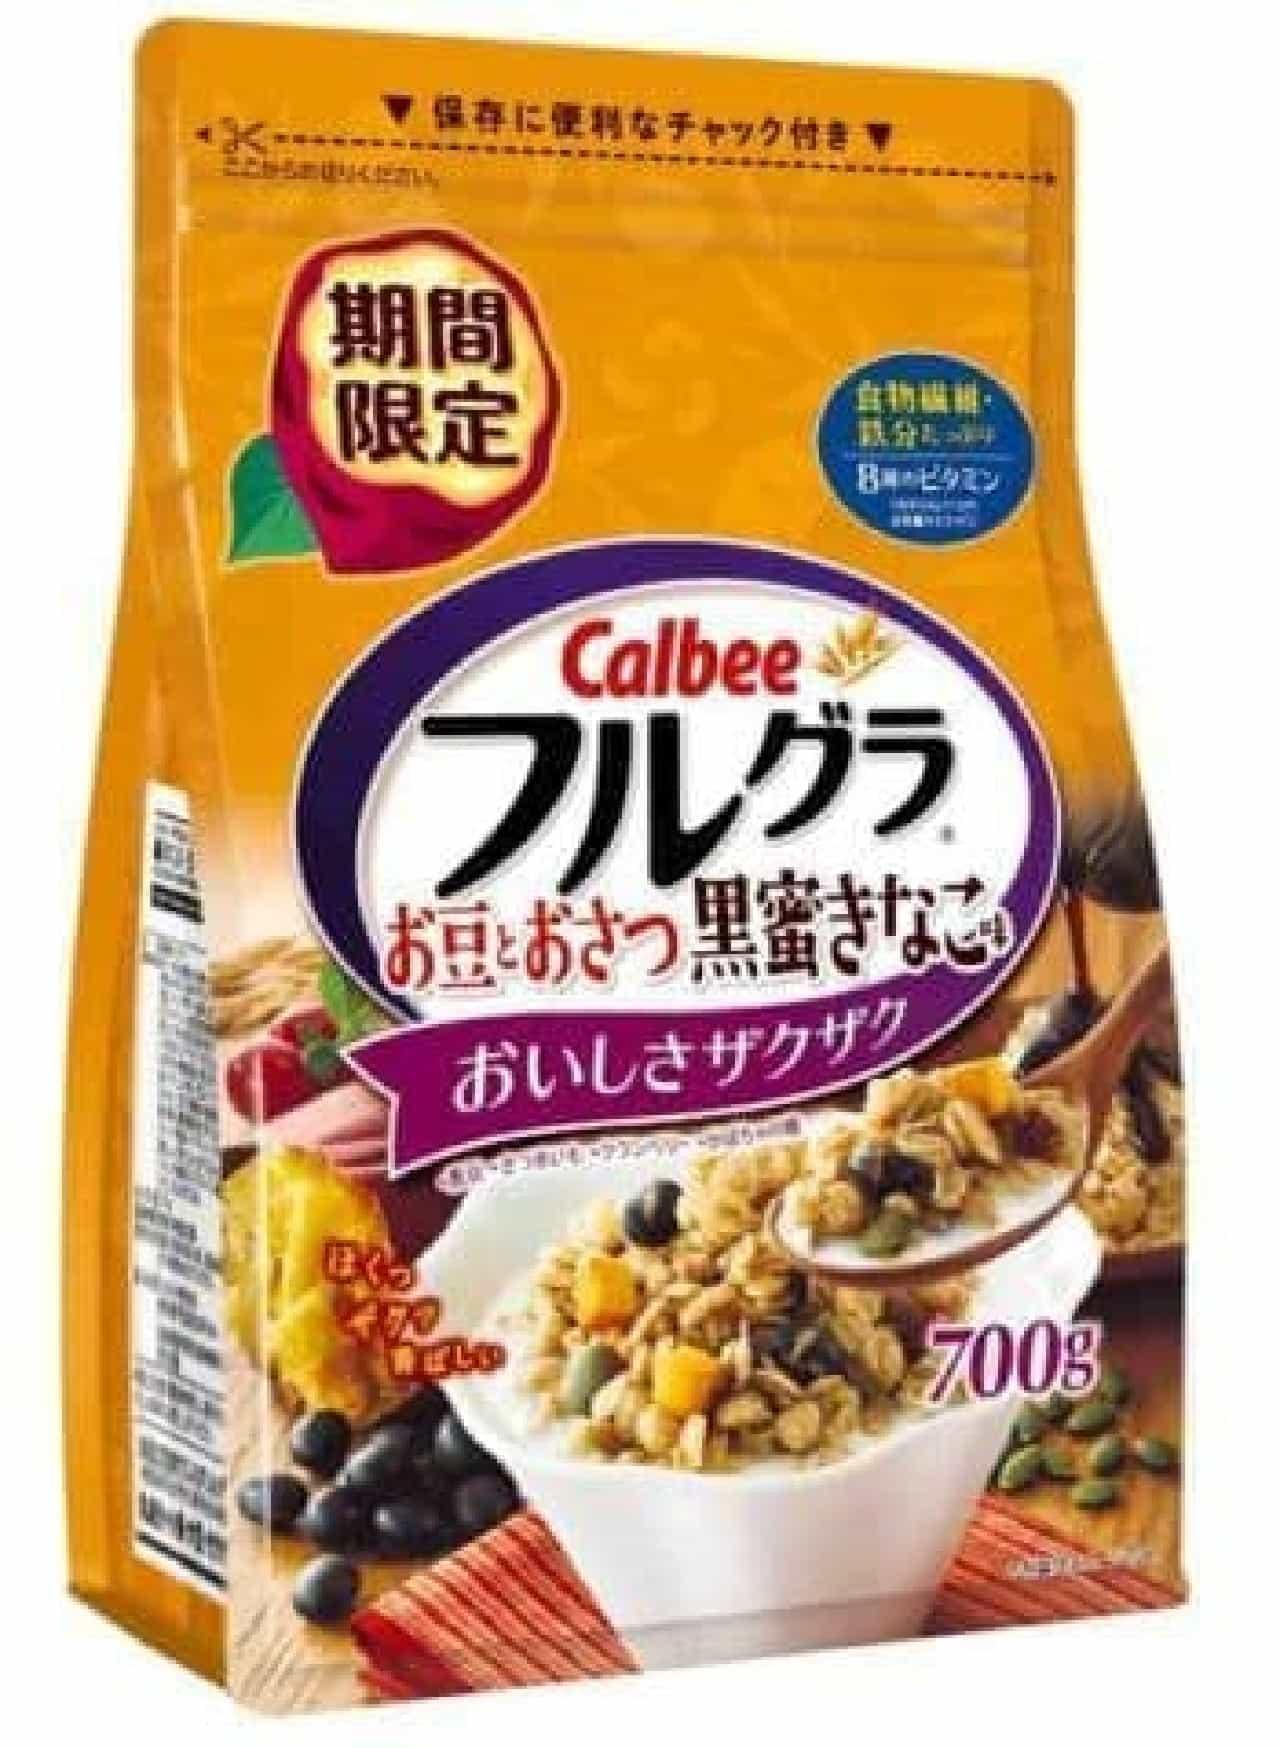 カルビー「フルグラ お豆とおさつ黒蜜きなこ味」